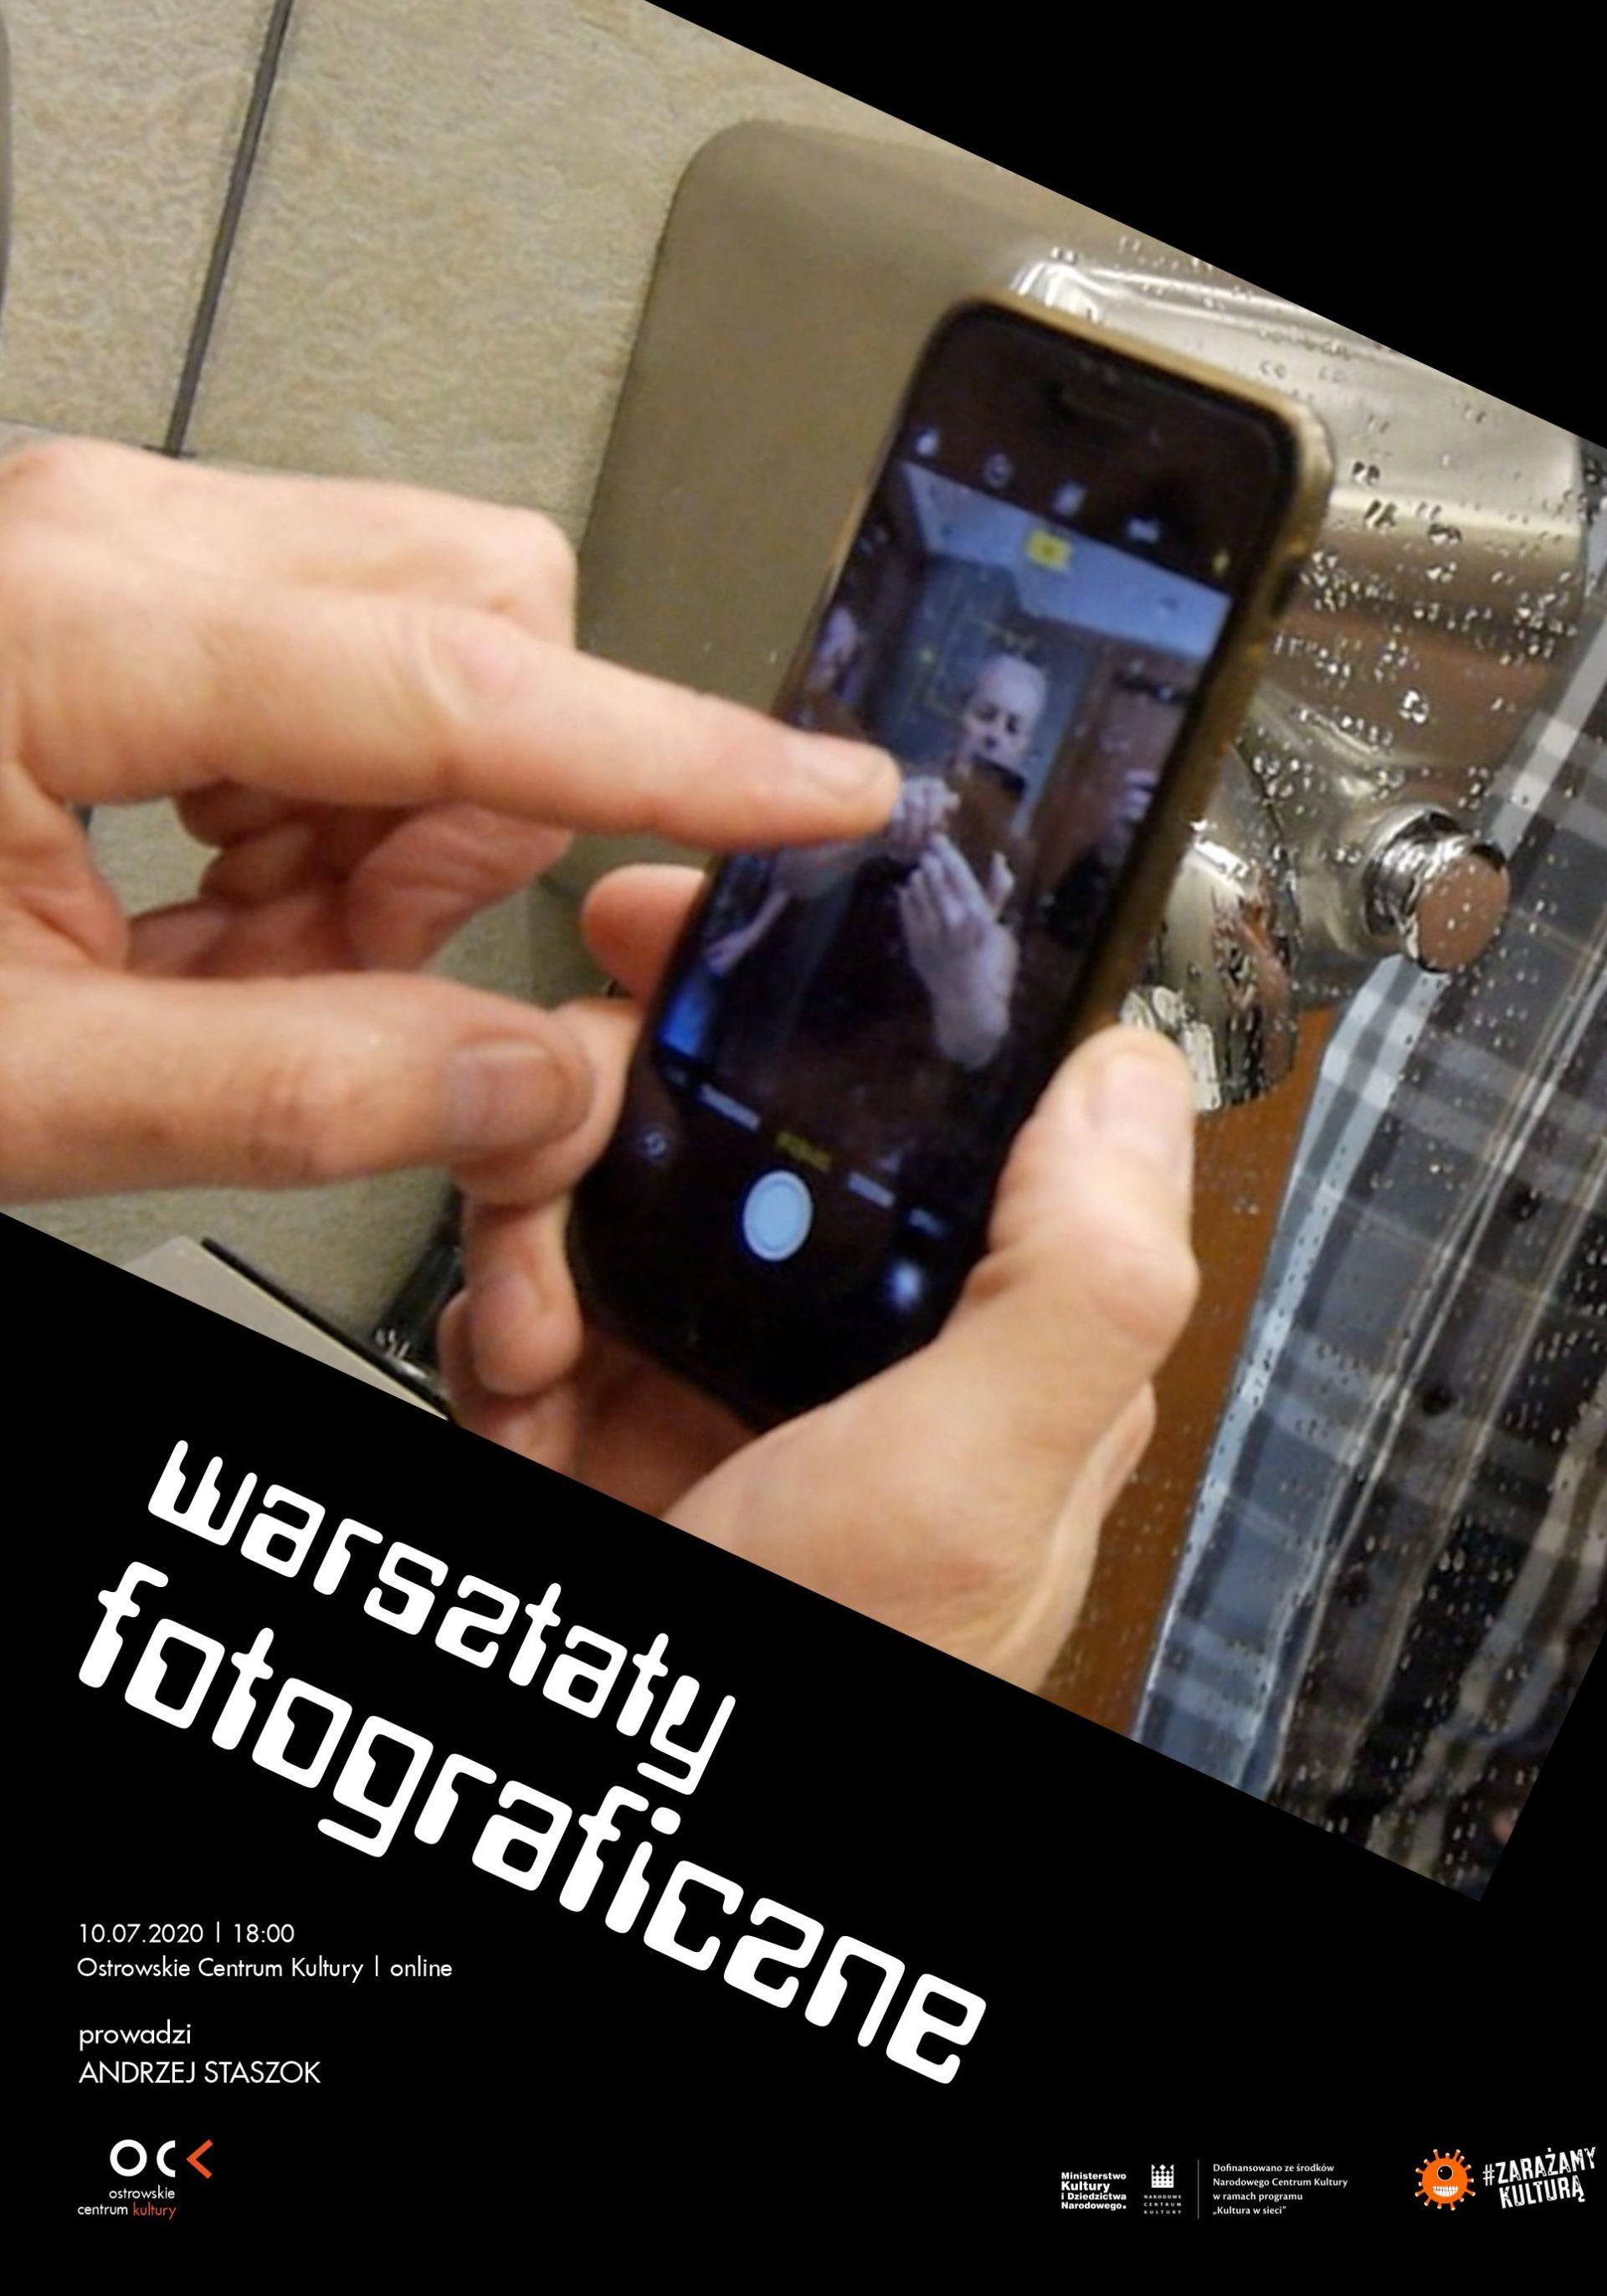 Warsztaty fotograficzne | online